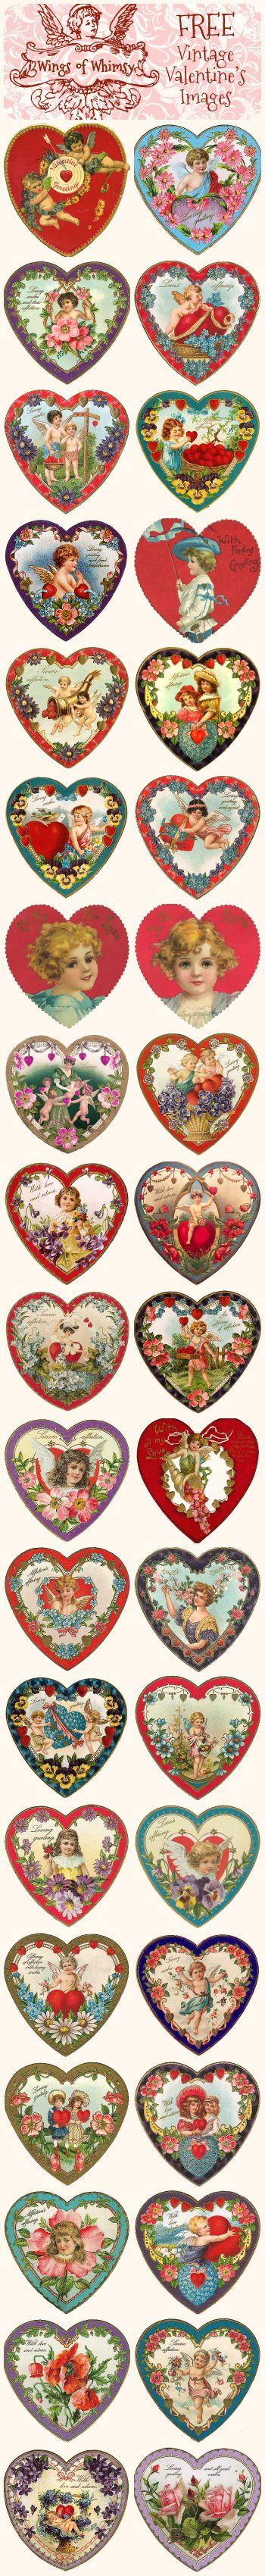 Free Vintage Valentine Heart Images